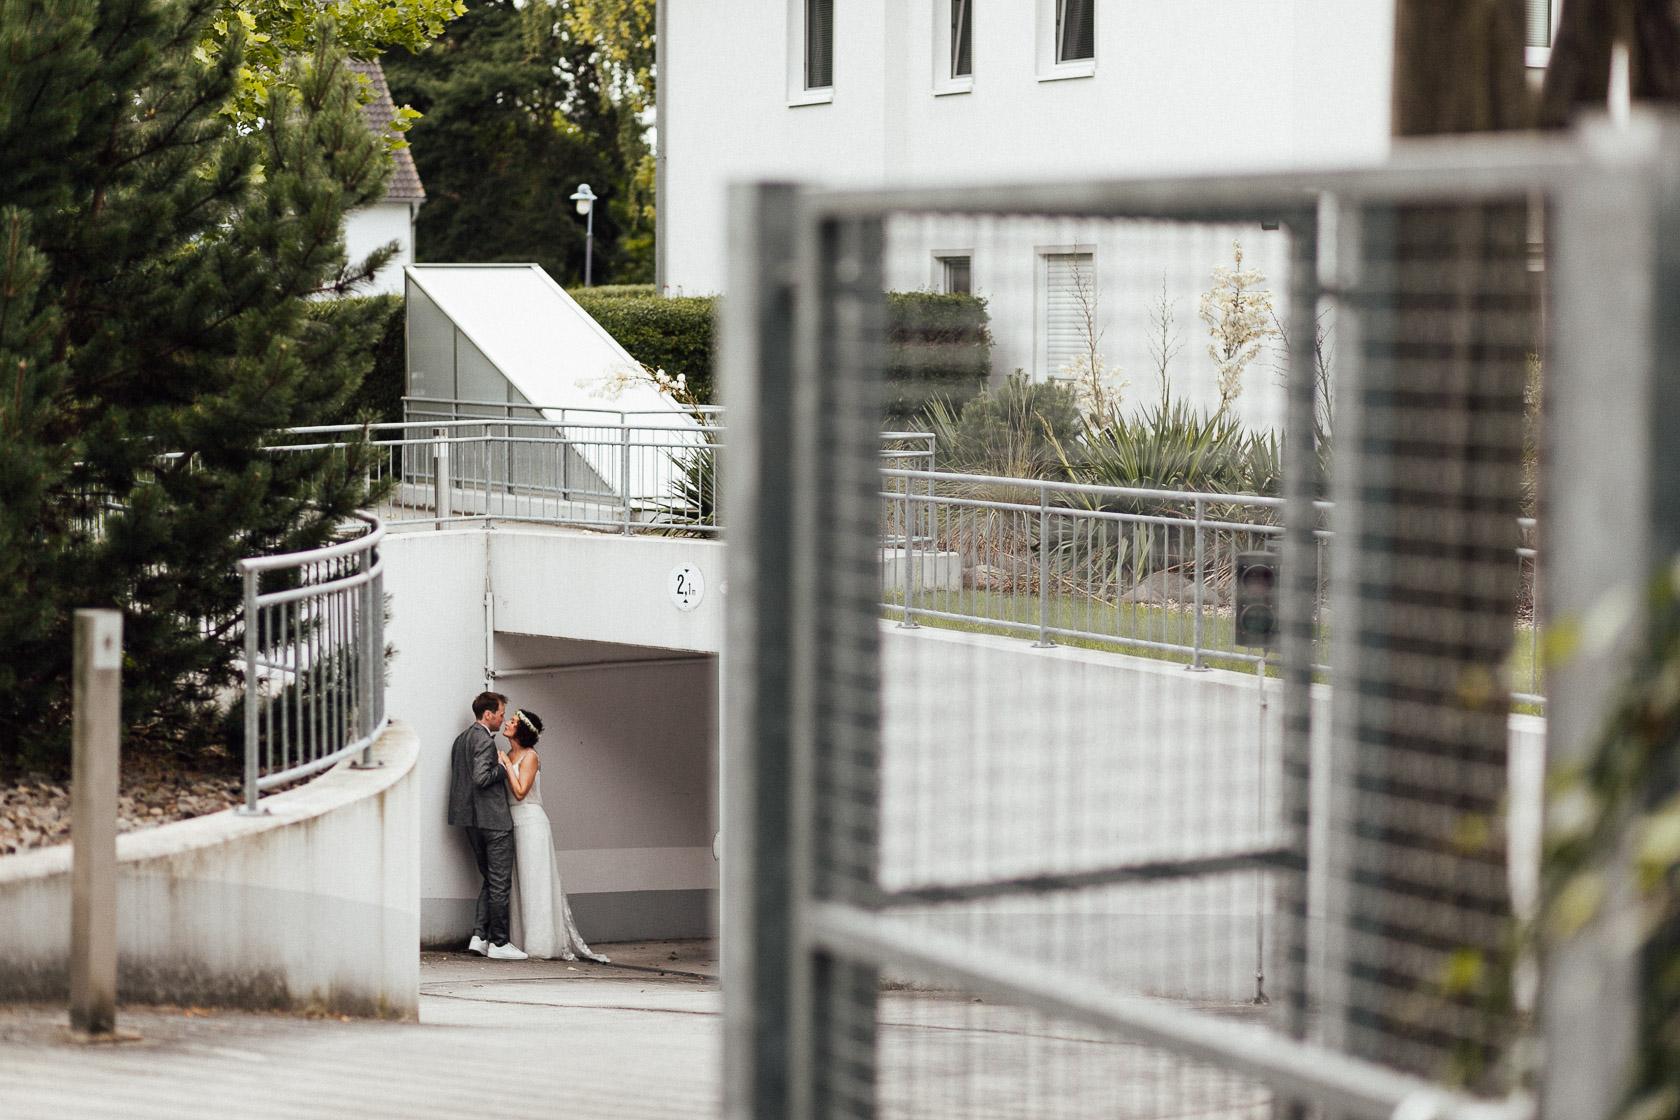 Brautpaar steht in der Einfahrt eriner Tiefgarage